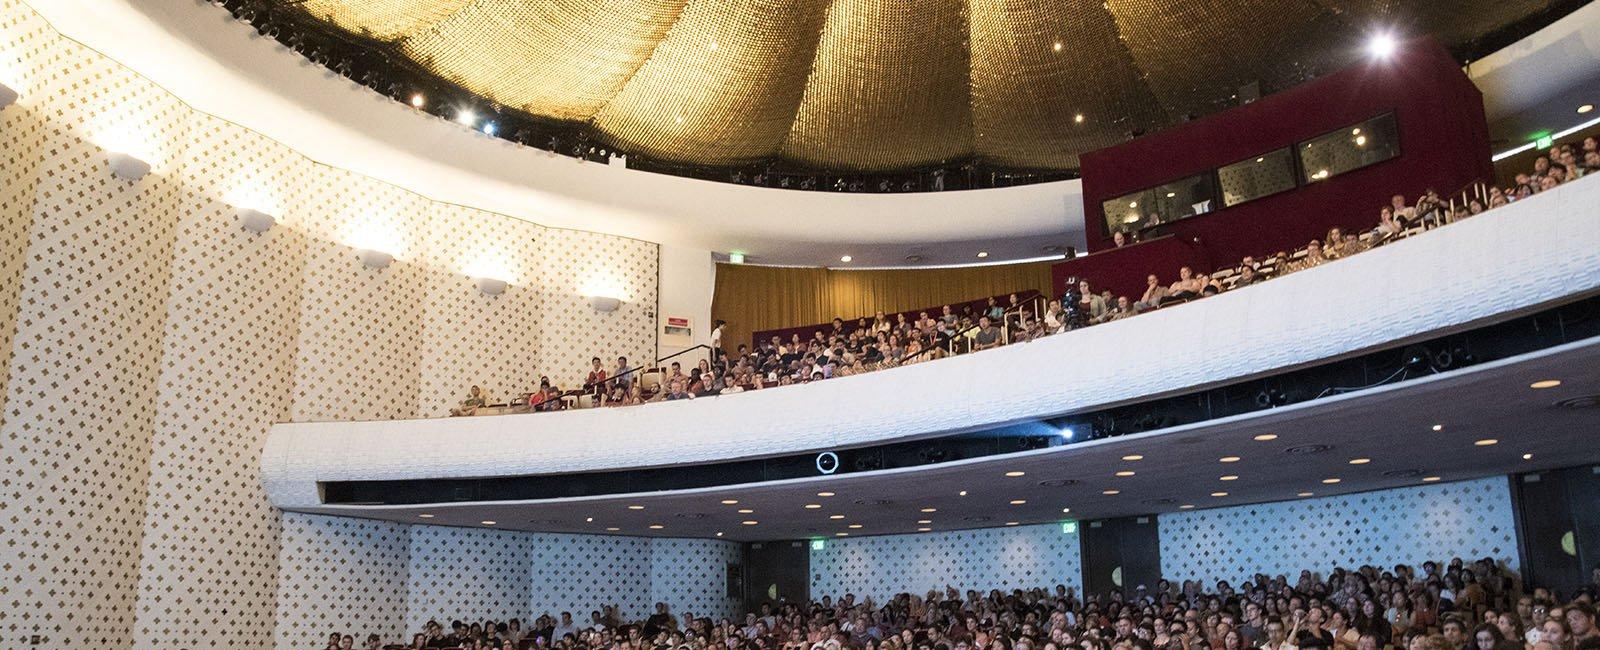 Beckman Auditorium interior